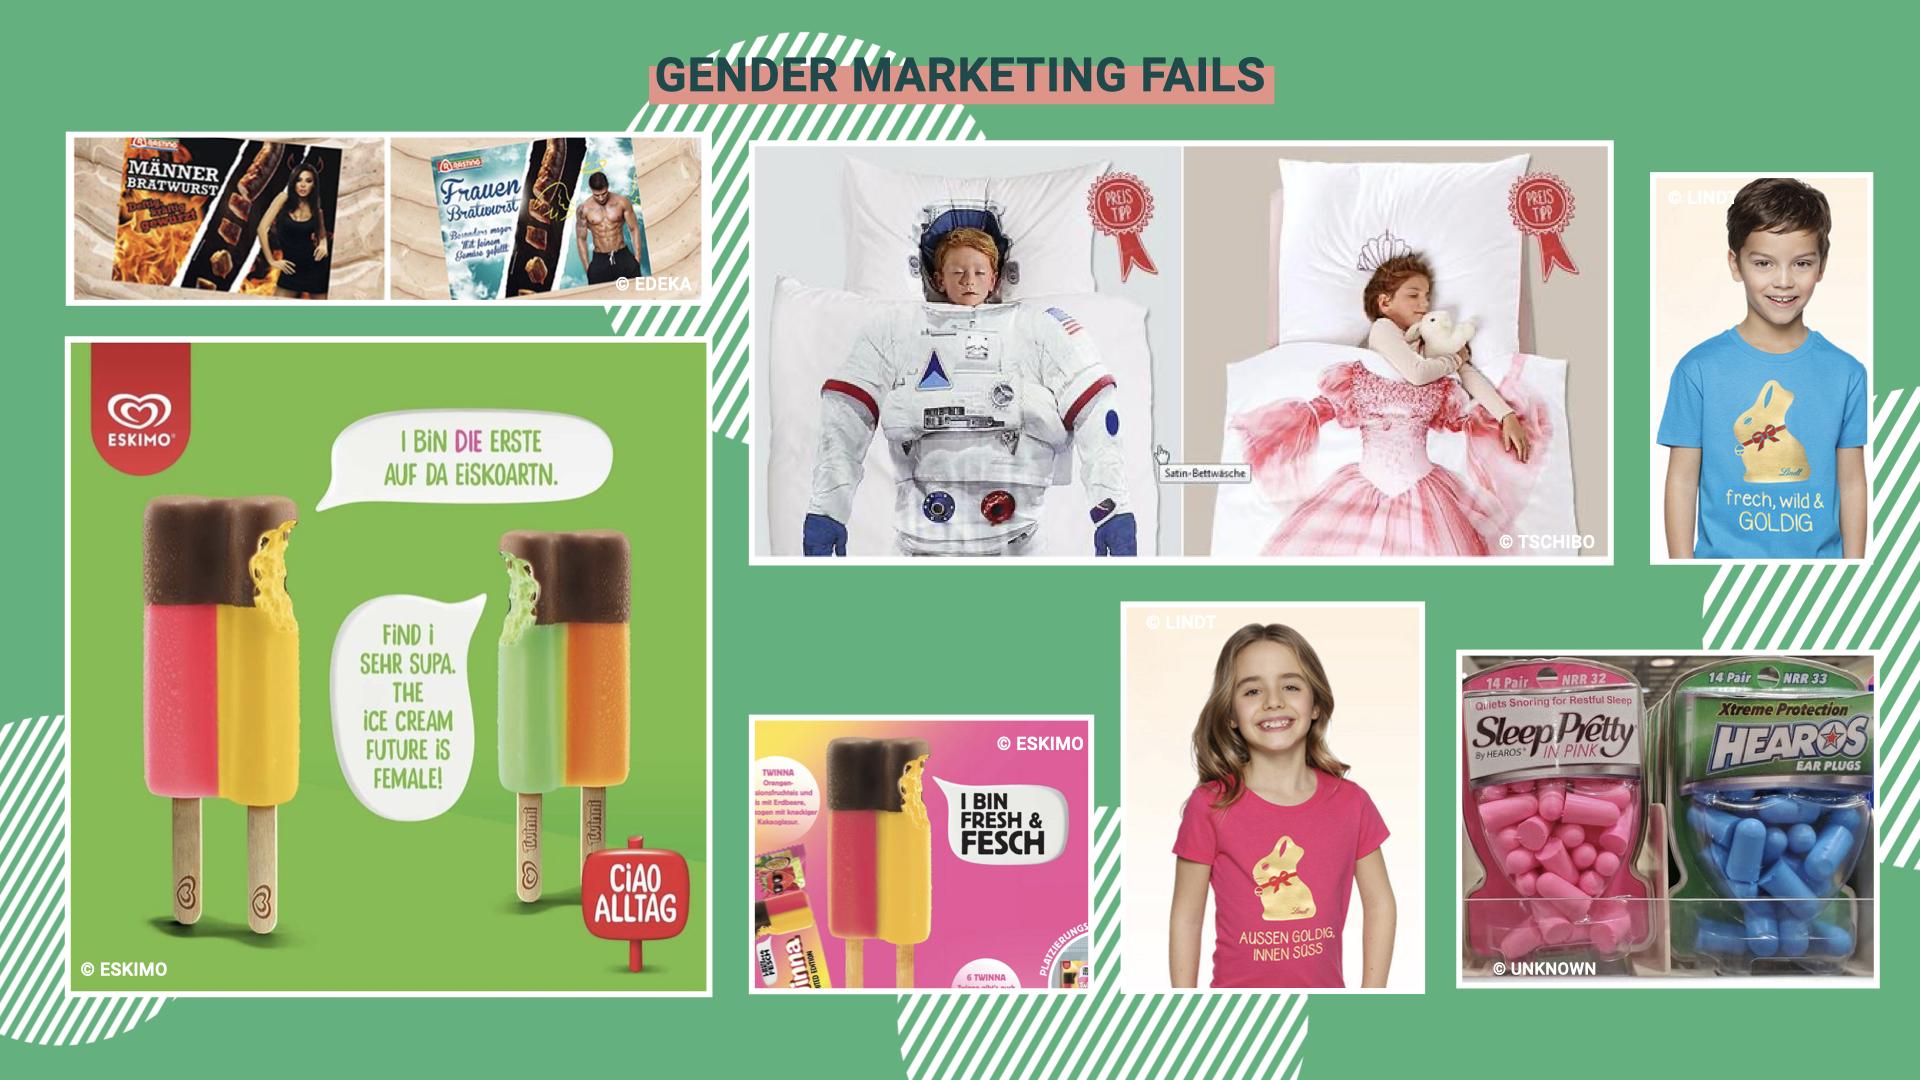 """Hier sind verschiedene """"Gender Marketing Fails"""" auf einem Bild gesammelt. 1. Männer vs. Frauenbratwürste. Auf der Verpackung für Männer befindet sich eine Frau in engen schwarzen Kleid mit Teufelshörnen. Auf der Verpackung für die Frauen ein Mann ohne T-Shirt im Himmel um die """"locker leichte"""" Bratwurst zu genießen. 2. Eine Themen-Bettwäsche für Kinder. Für die Jungen eine Astronauten und für die Mädchen eine Prinzessinnen Bettwäsche. 3. Kinder-Tshirts mit dem Lindt-Goldhasen. Jungen T-Shirt mit der Aufschrift: """"frech, wild & goldig"""" und das Mädchen T-Shirt """"außen goldig, innen süß"""". 3. Ohrstöpsel für die Frau in Pink """"Sleep Pretty"""" und für den Mann in blau """"Hearos"""". 4. Eine Eskimo Werbung für """"DIE TWINNA"""". Das Eis, die Twinna, hat eine Sprechblase und sagt """"Ich bin DIE erste auf da Eiskoartn"""". Das Twinni antwortet """"Find i Sehr Supa. The Ice Cream Future is Feamle""""."""